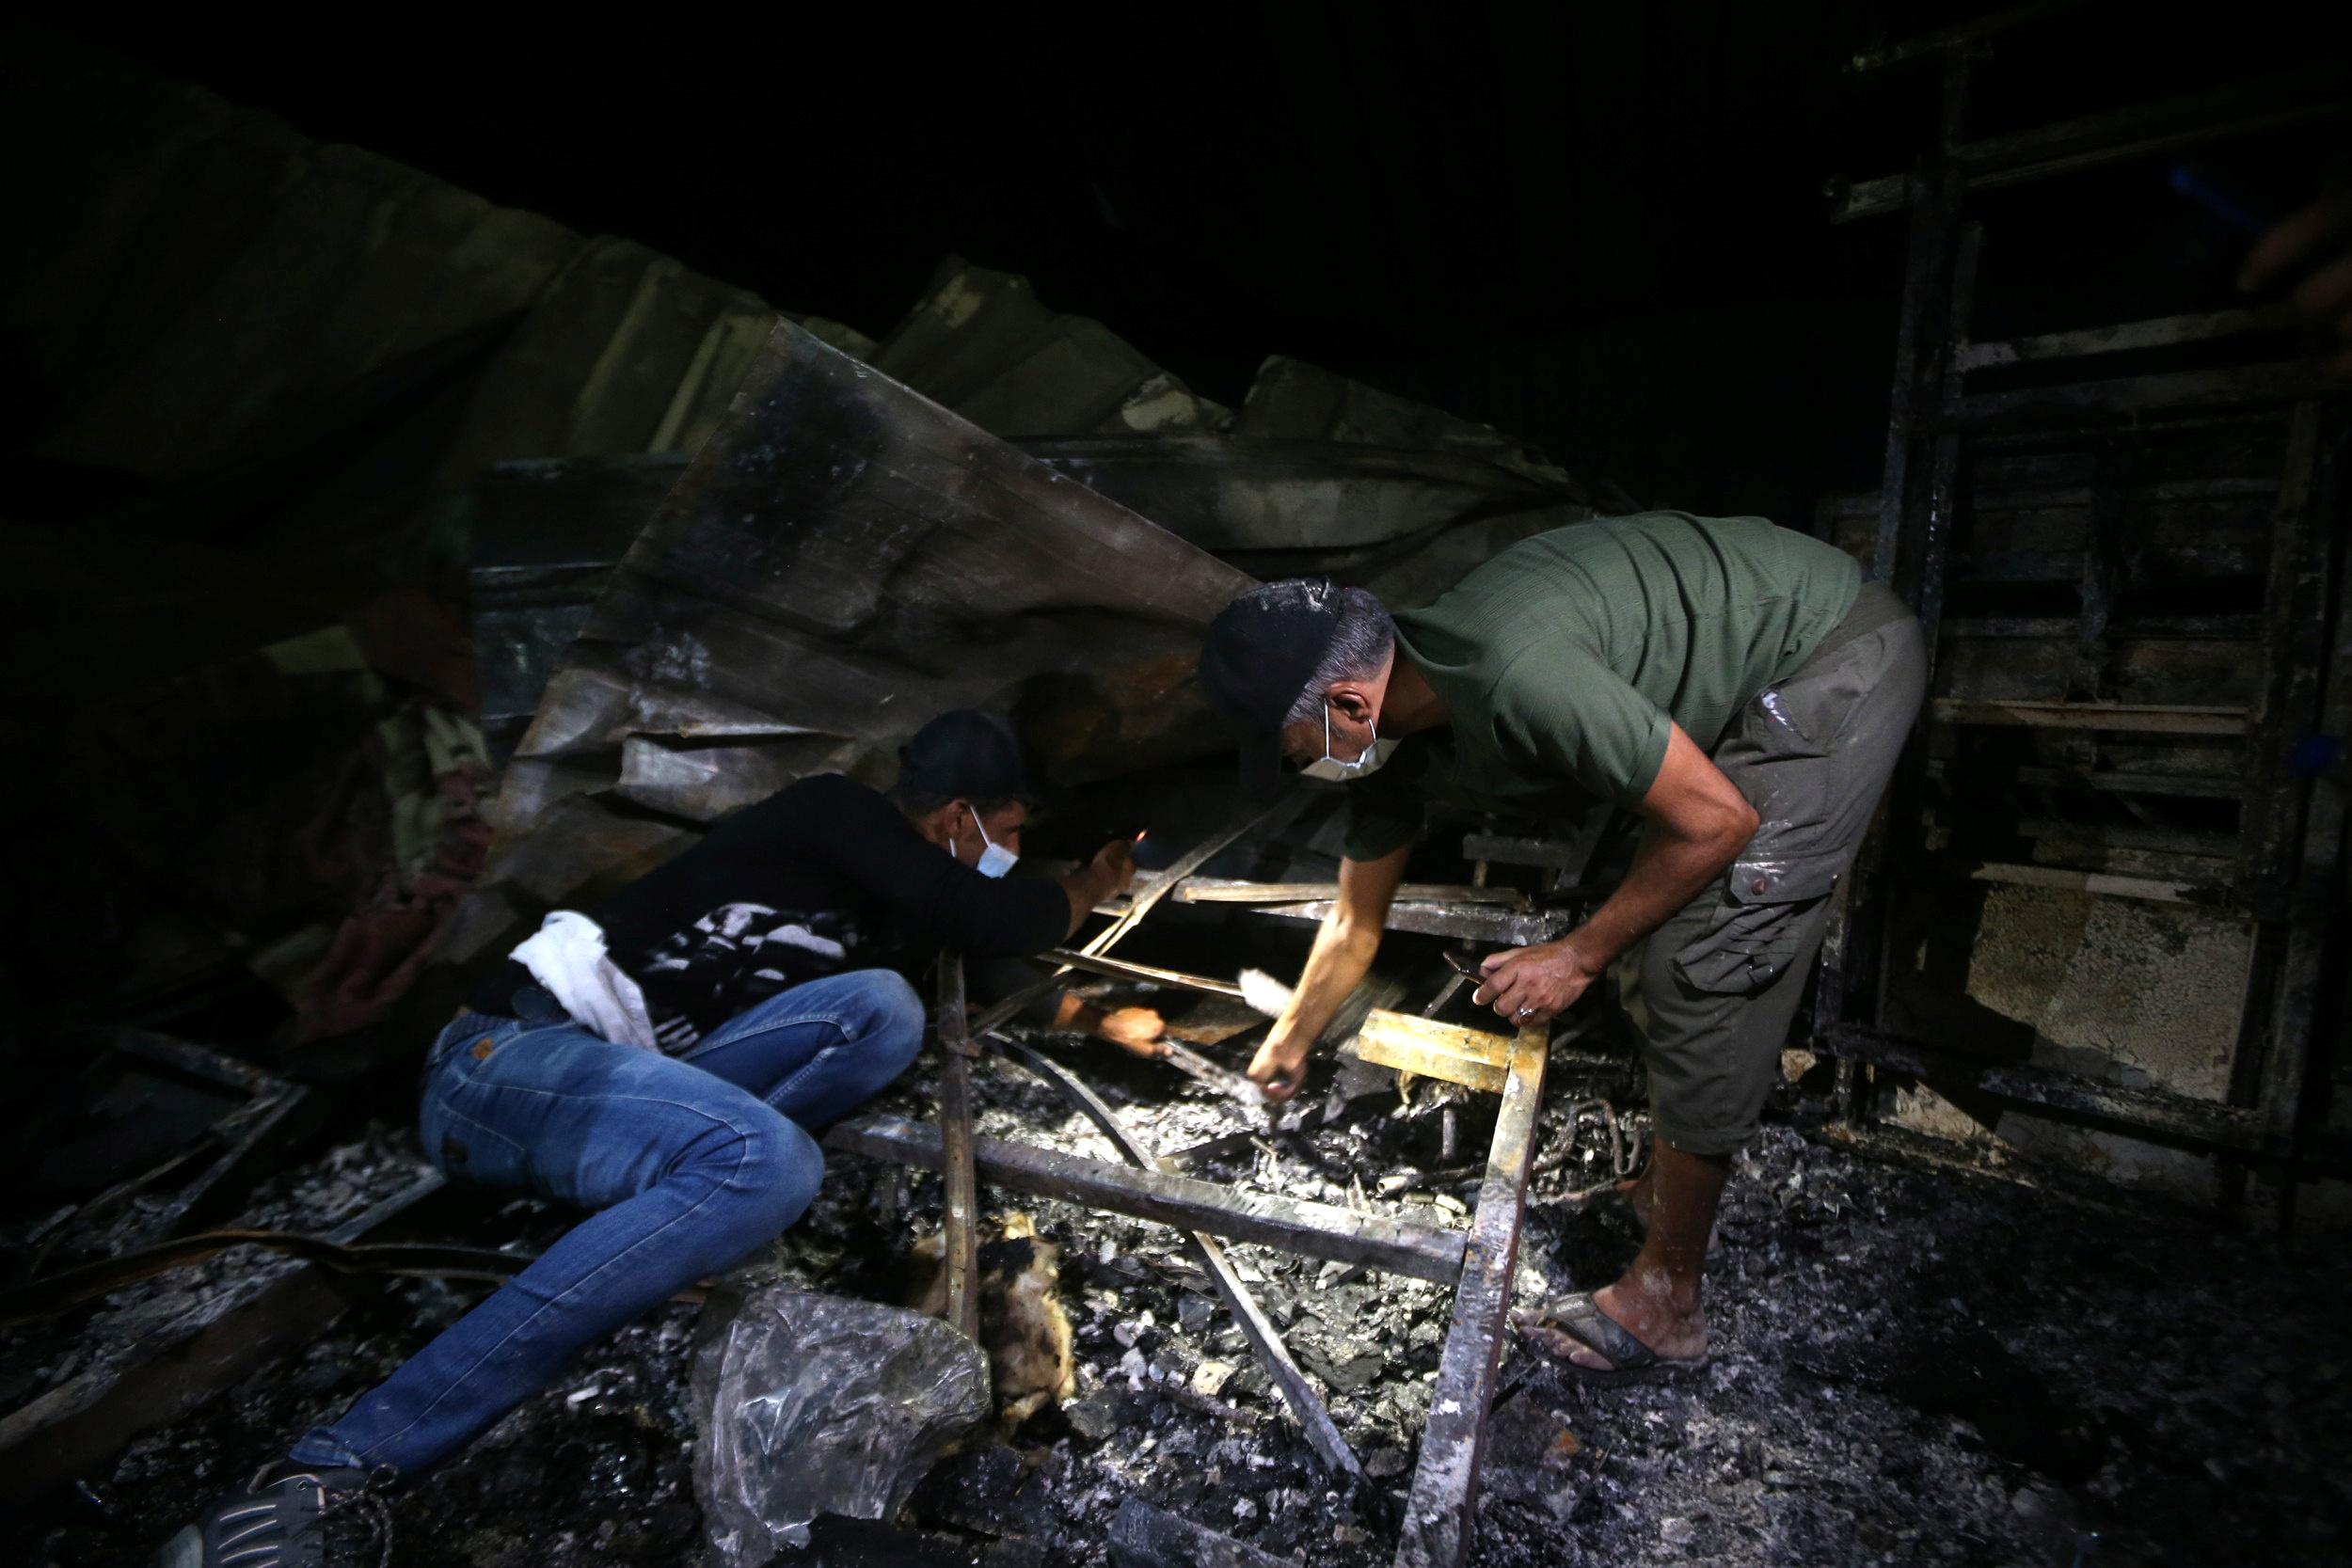 Ιράκ: 52 οι νεκροί από τη φωτιά σε μονάδα Covid σε νοσοκομείο